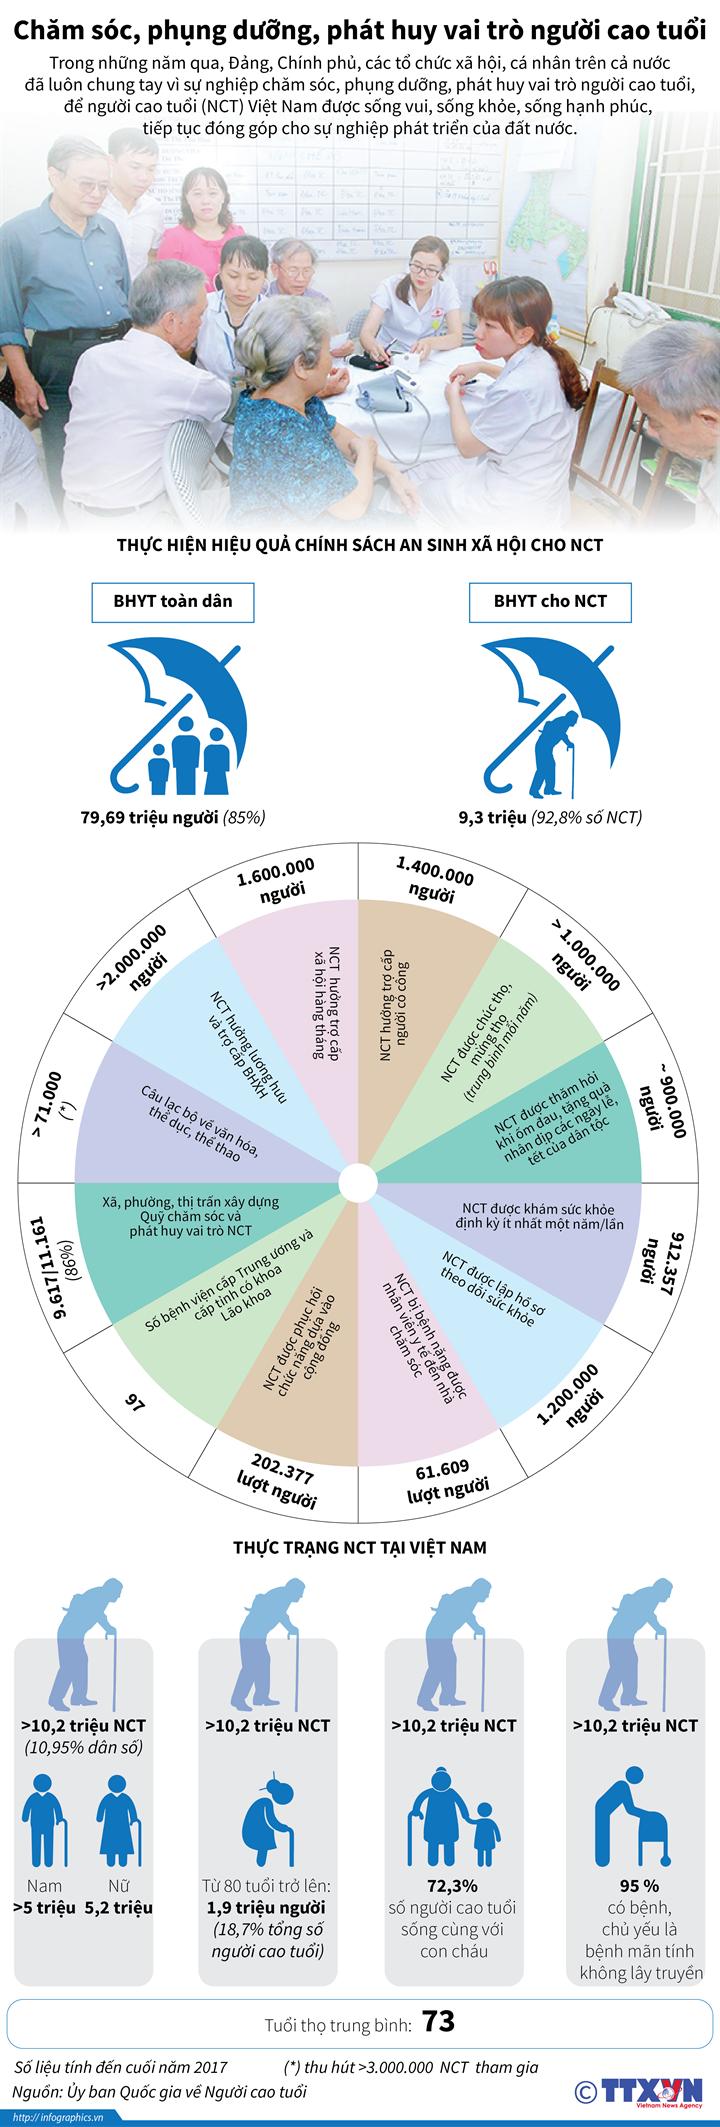 Chăm sóc, phụng dưỡng, phát huy vai trò người cao tuổi